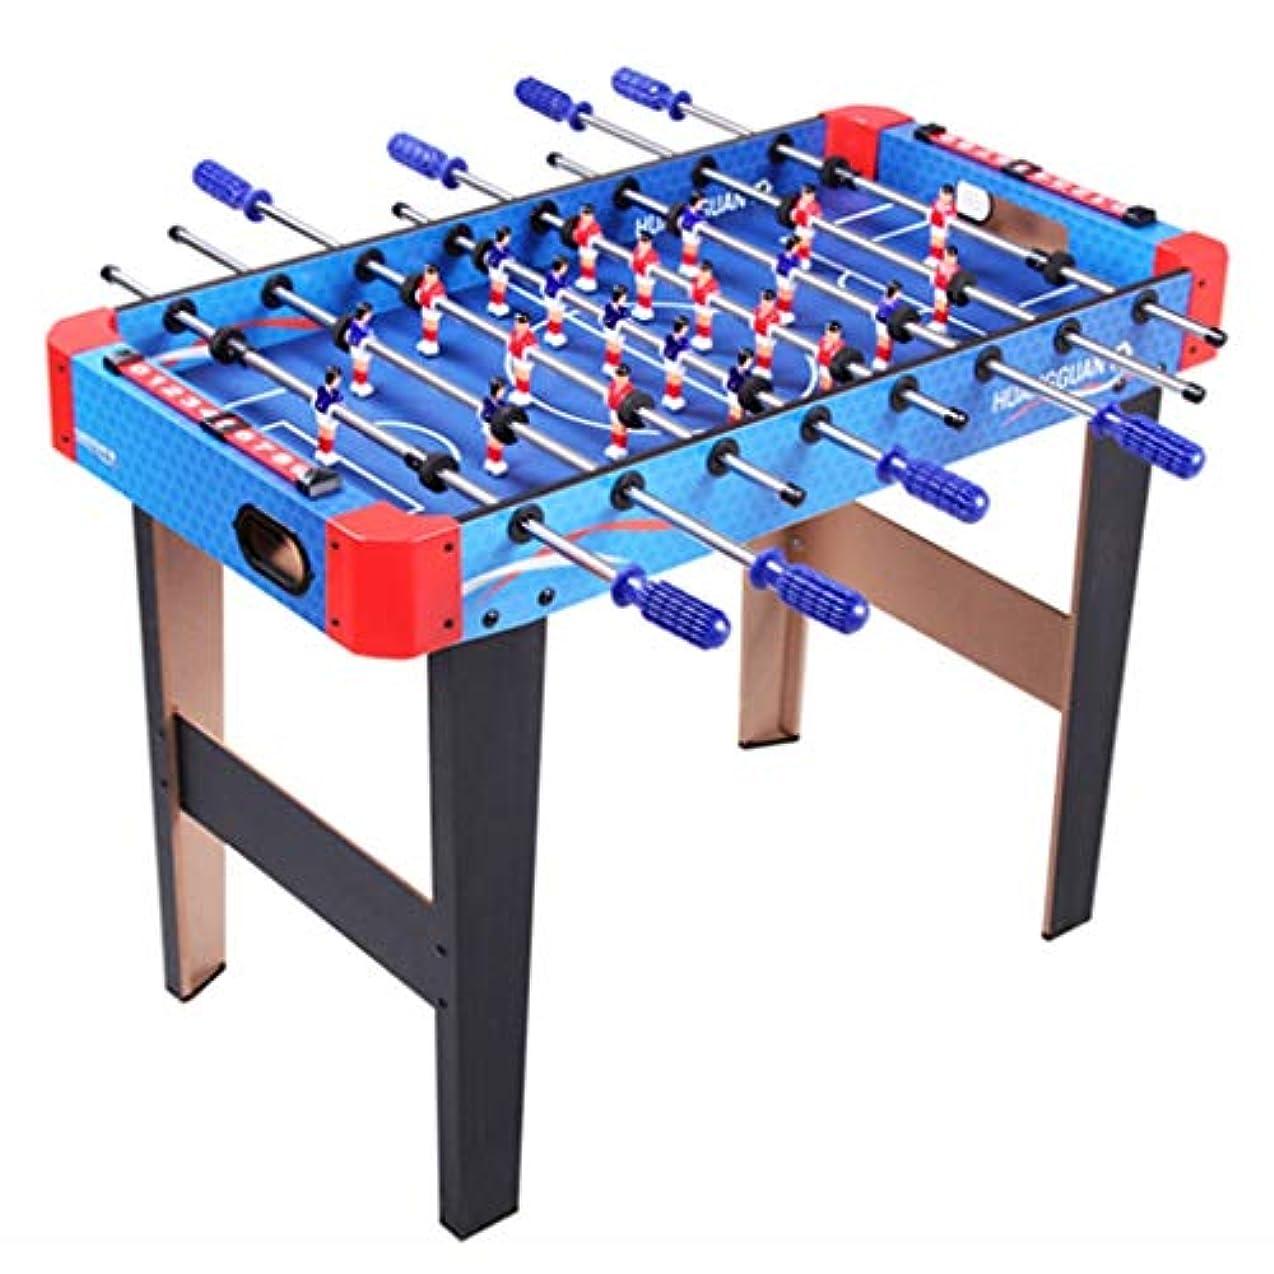 現実には月曜勤勉テーブルサッカーダブルサッカースポーツ玩具親子インタラクティブ玩具大人の屋内ビリヤード子供の教育玩具ファミリーインタラクティブゲーム玩具子供のための最高の贈り物 (Color : BLUE, Size : 90*46*66CM)